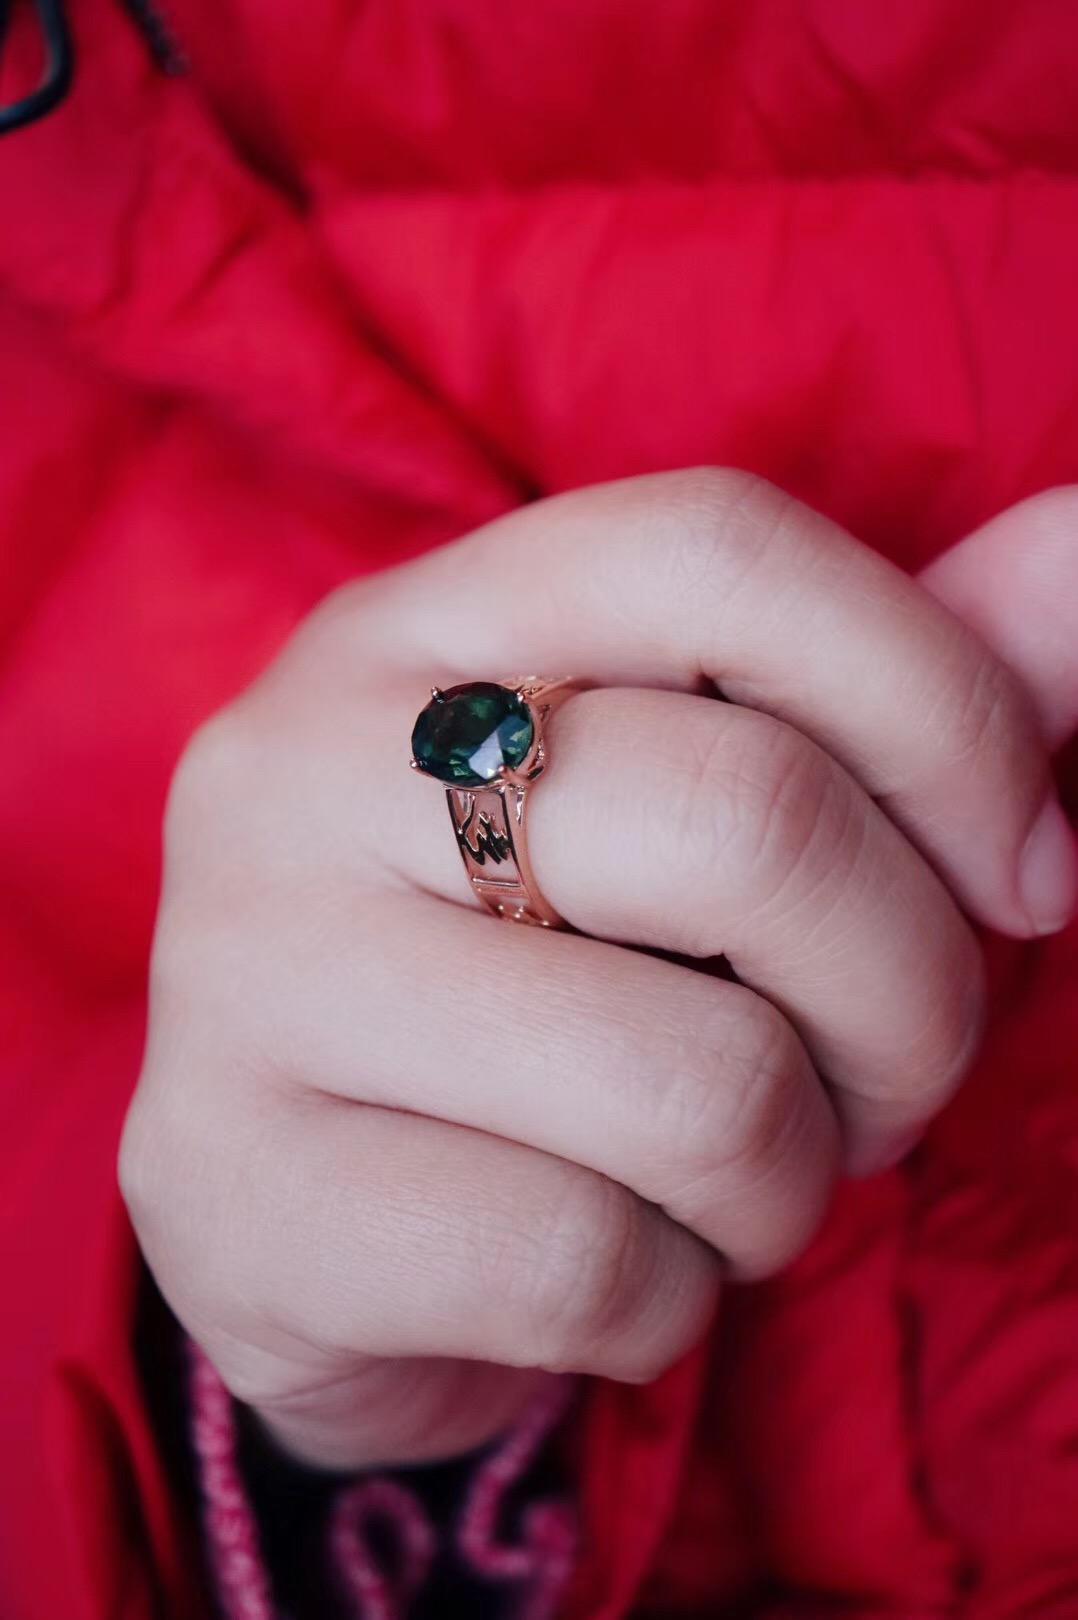 【菩心-碧玺、捷克陨石&戒指】菩心近段的热门定制-菩心晶舍